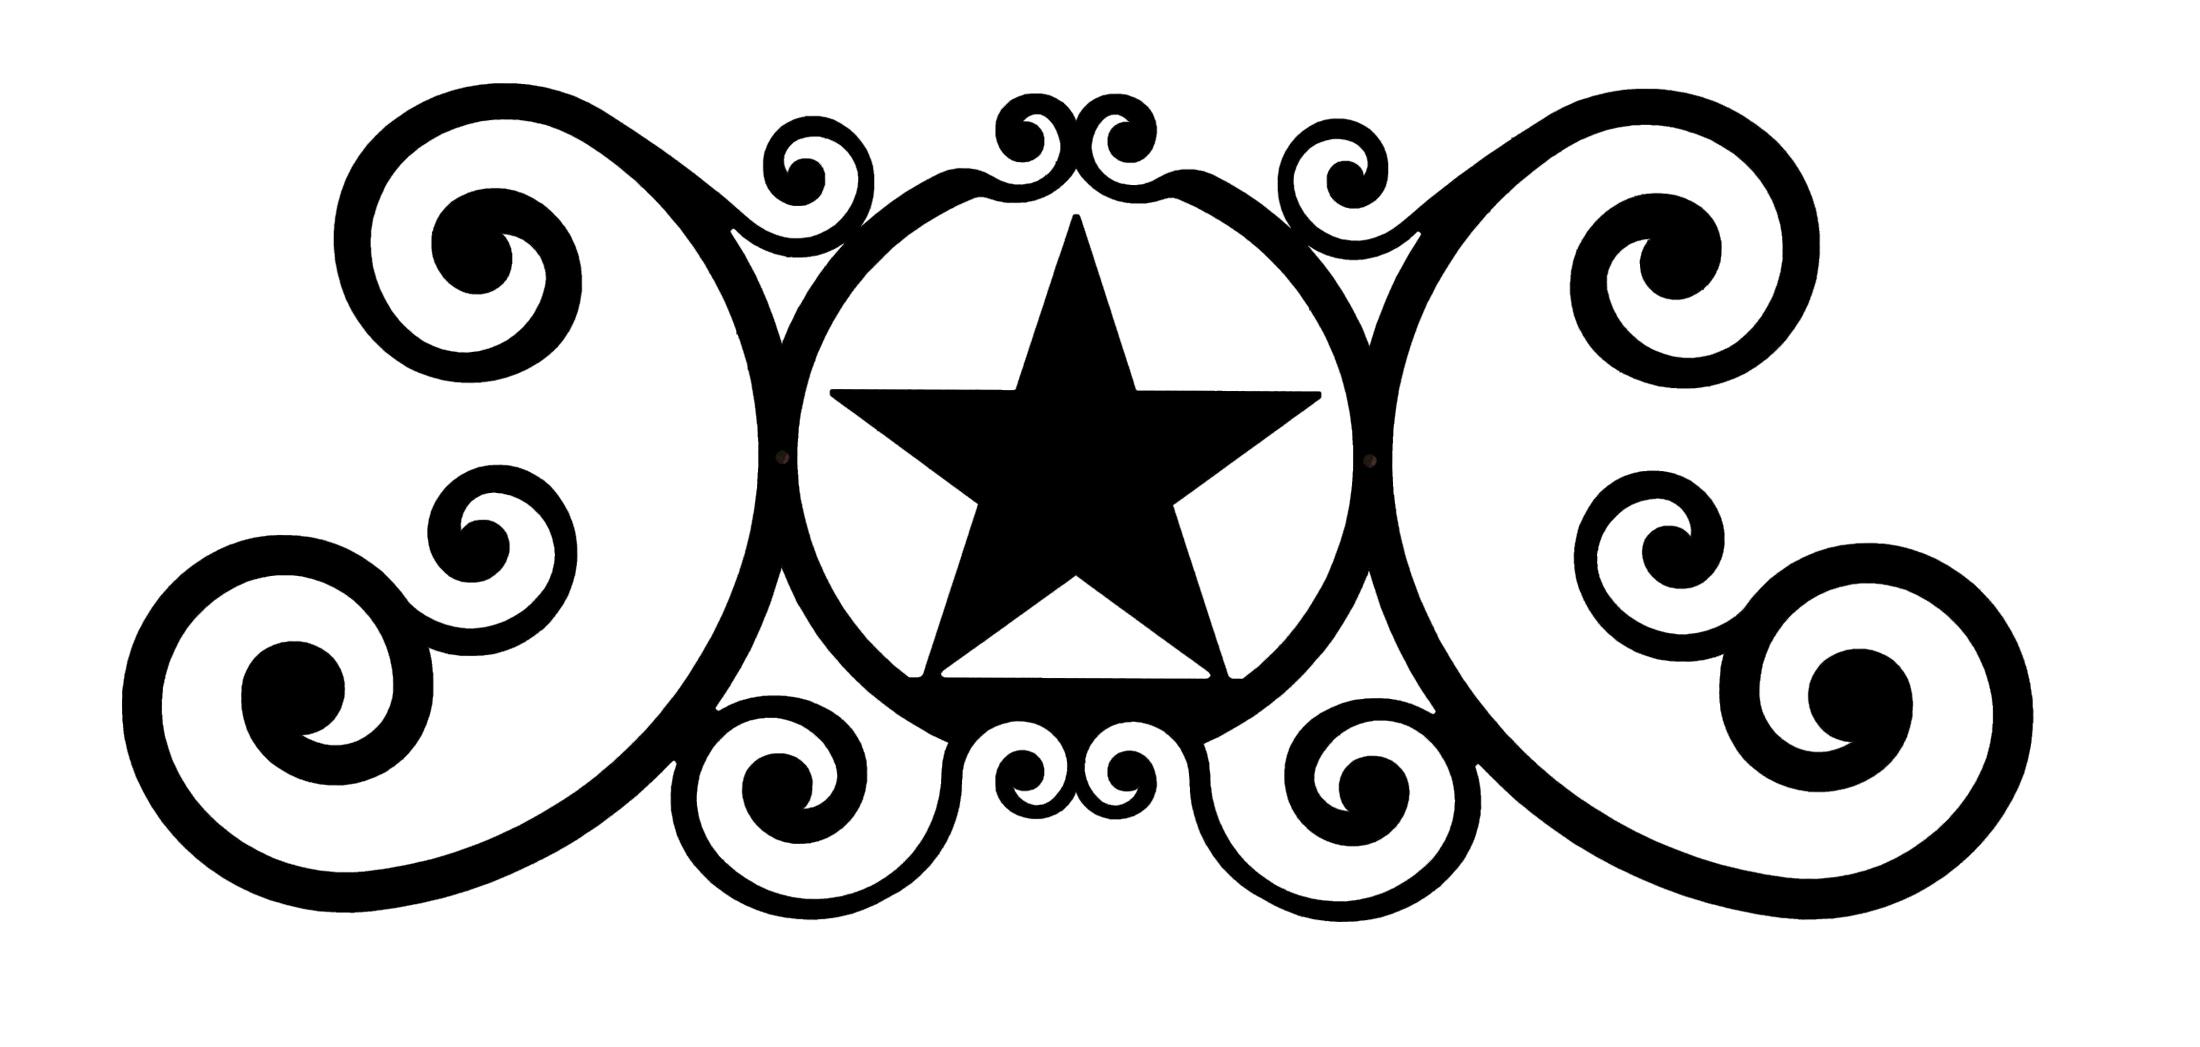 Star - Over Door Plaque